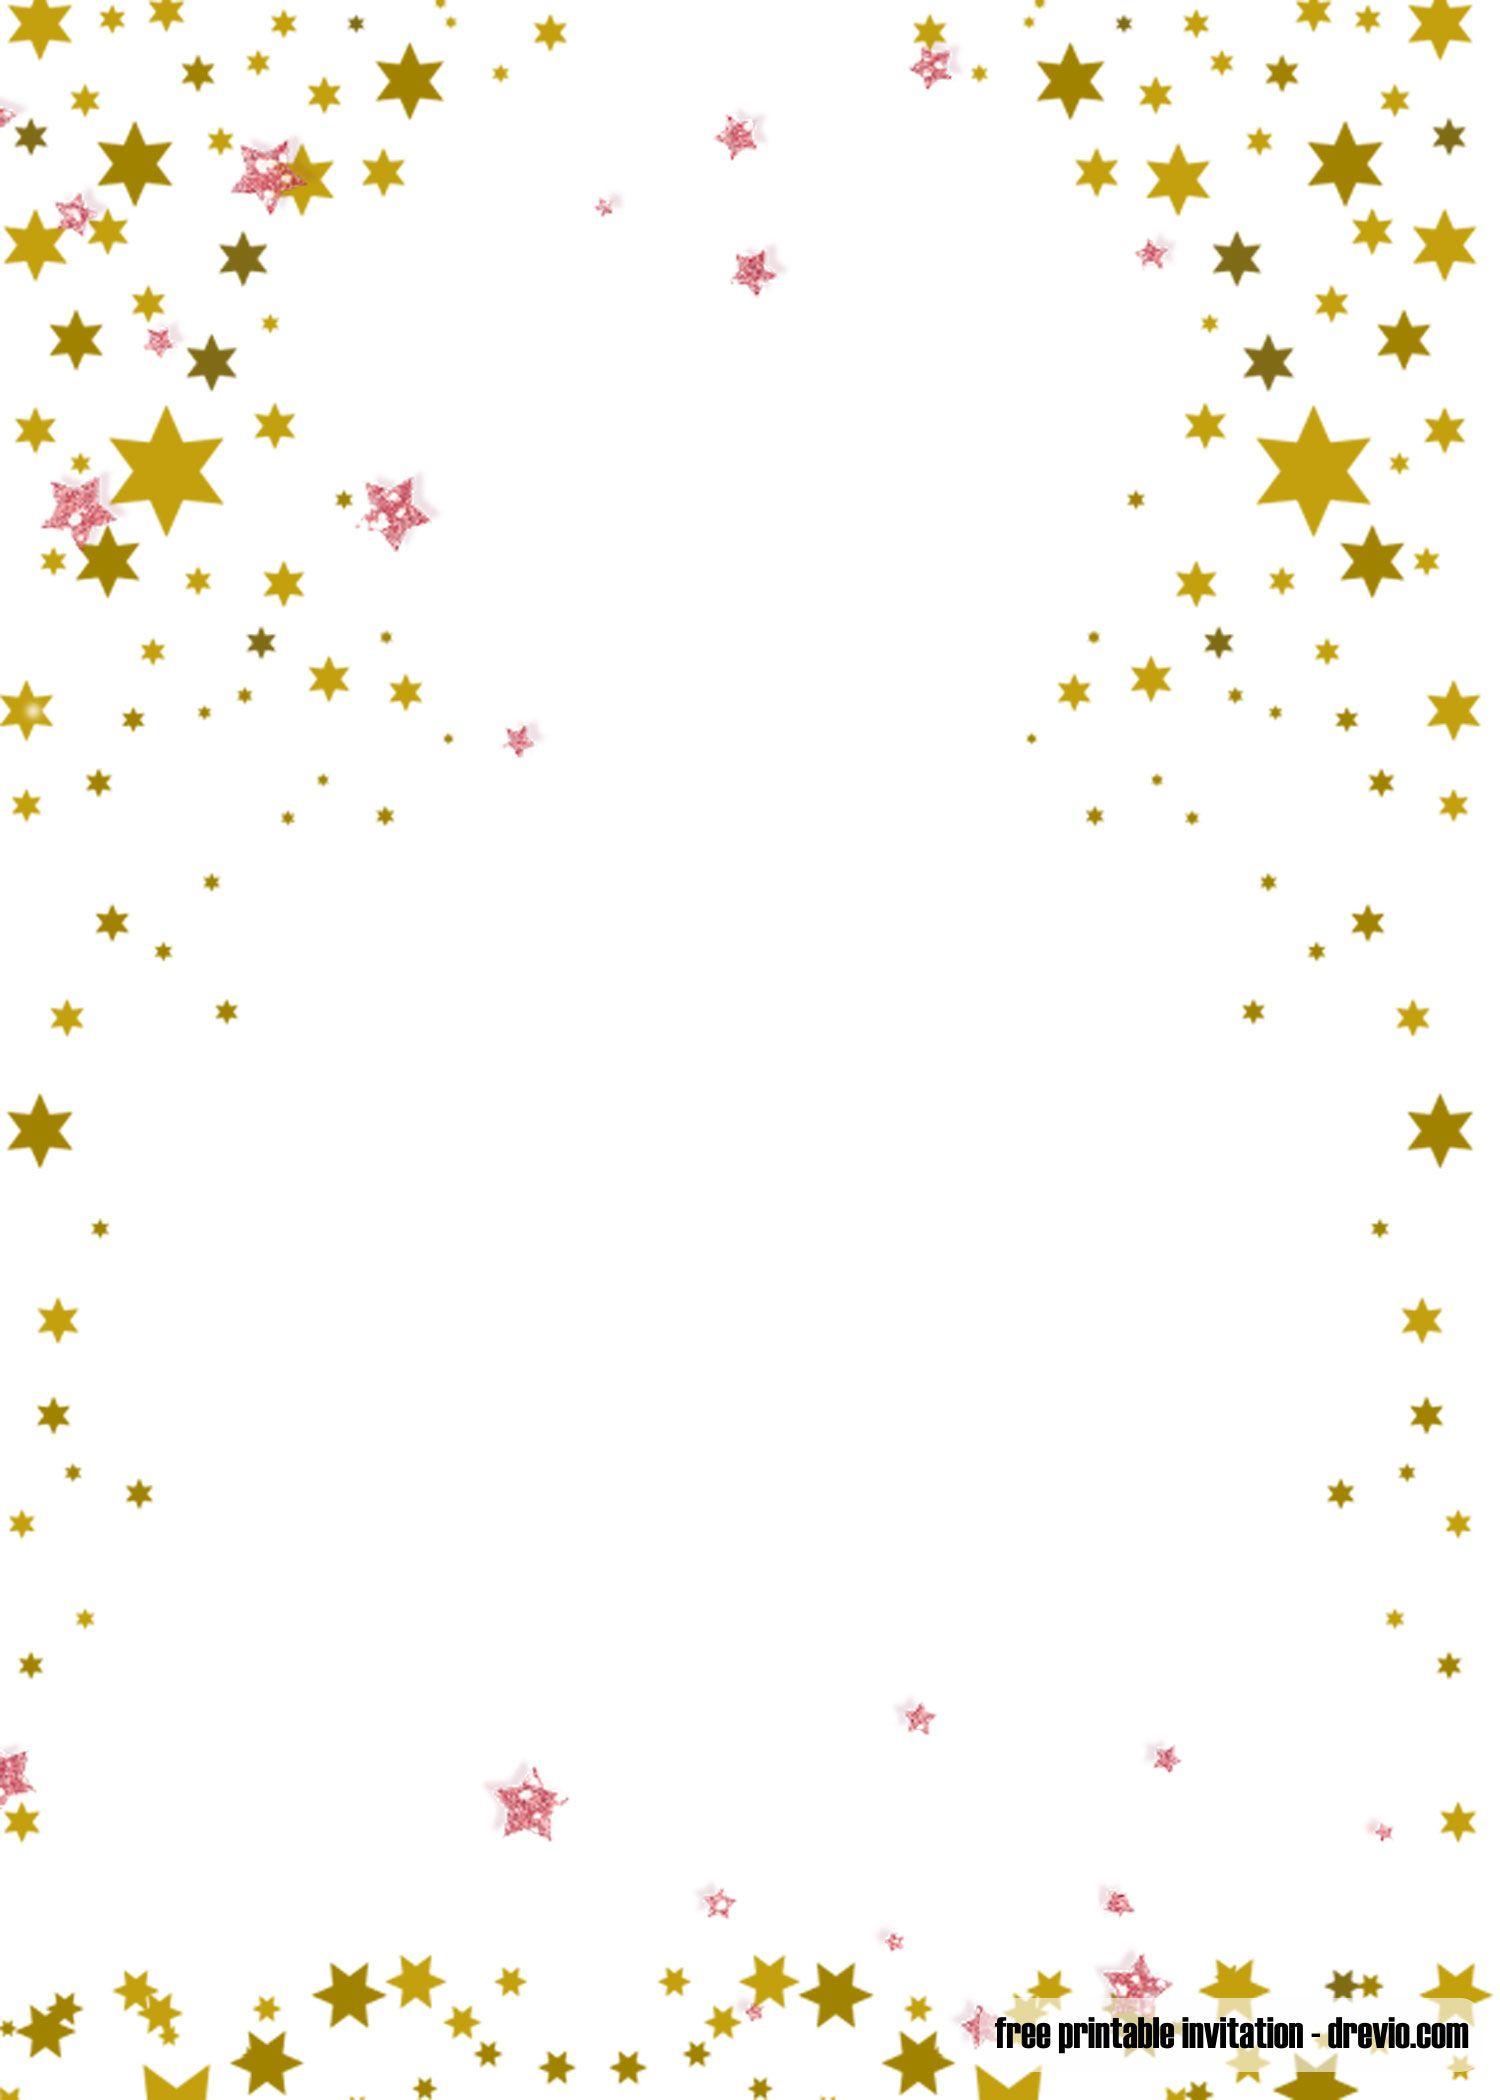 Free Printable Twinkle Twinkle Little Star Invitation Templates Printable Birthday Invitations Star Baby Shower Invitations Free Printable Birthday Invitations